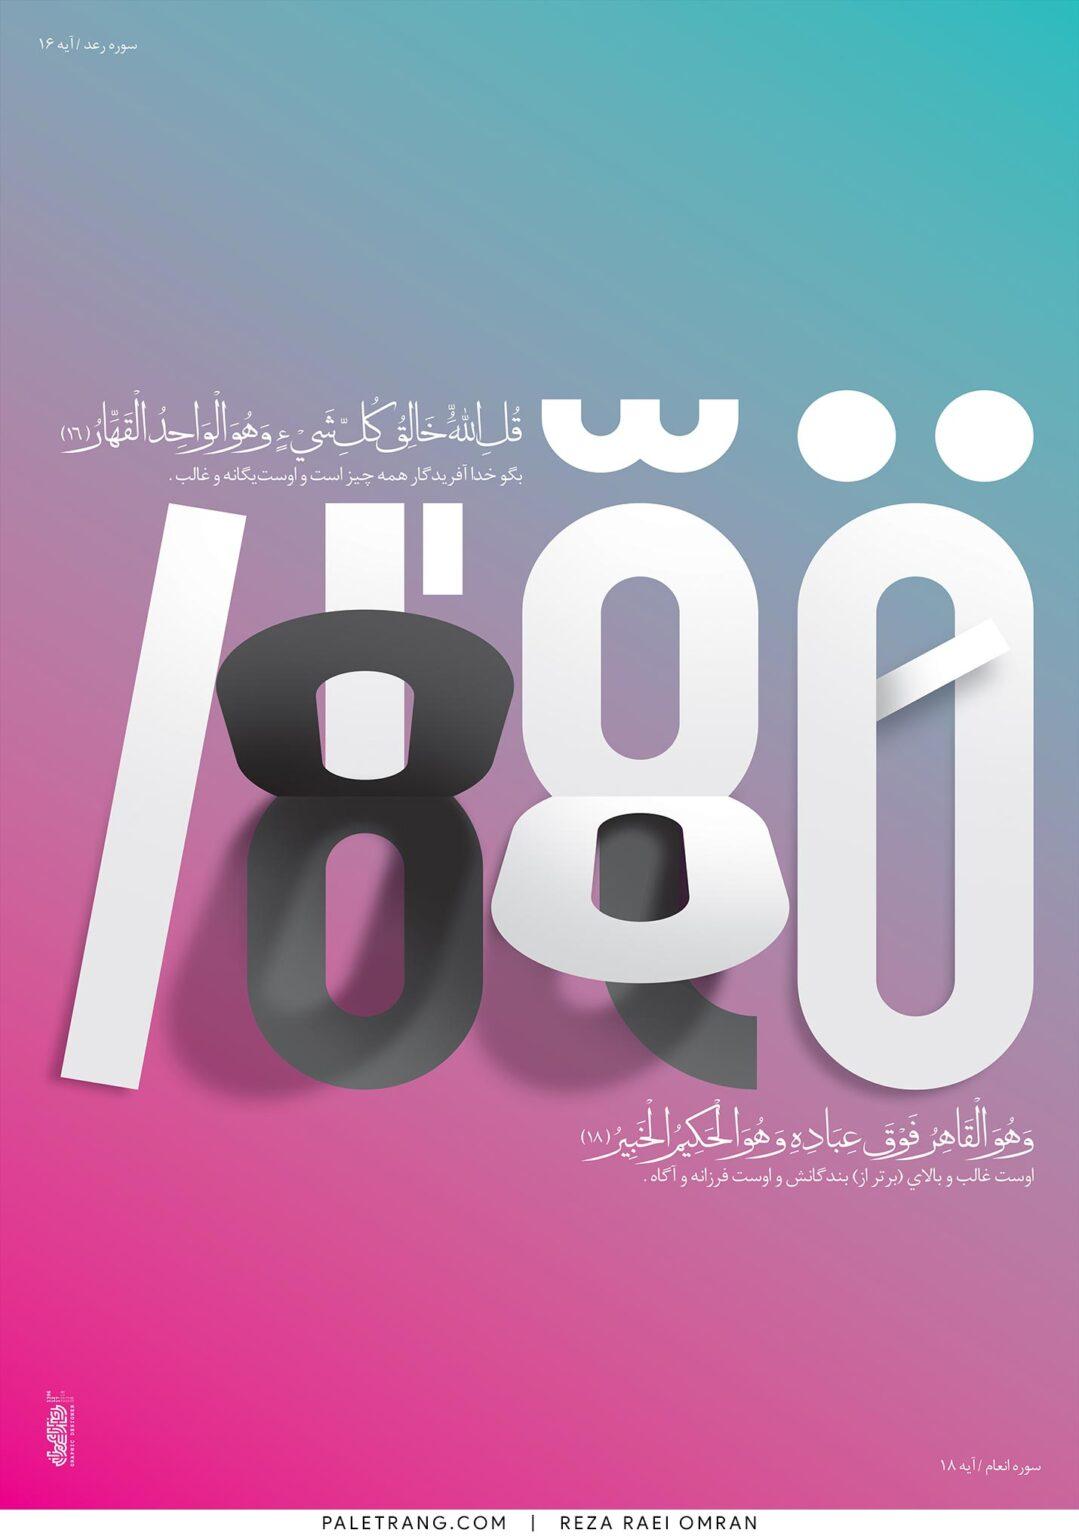 پوستر تایپوگرافی متین (اسماء الحسنی) اثر رضا راعی عمران